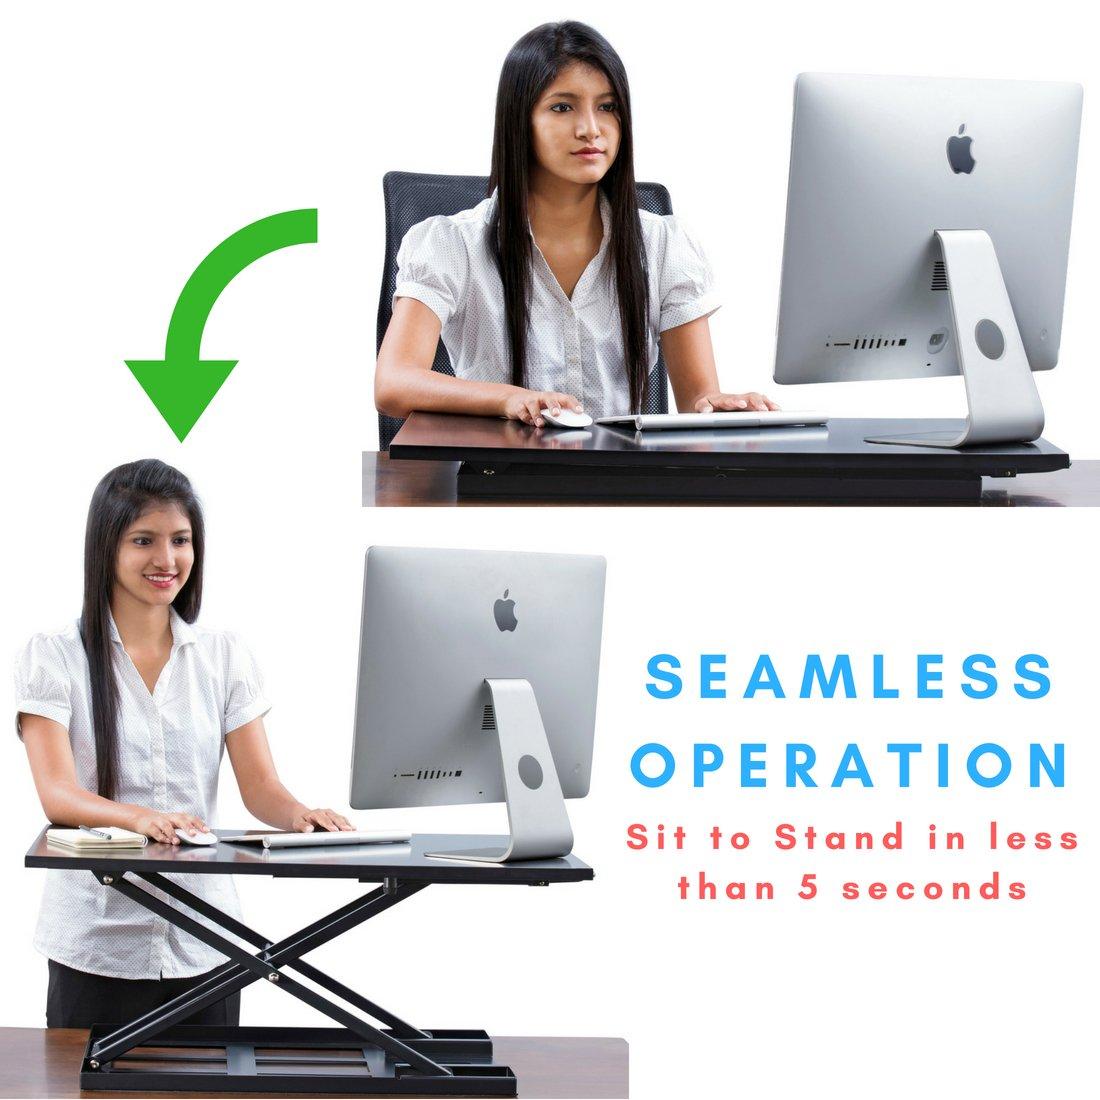 Standing Desk - Height Adjustable Ergonomic Stand Up Desk Converter Desktop Workstation - 32 X 22 Inch Sit Stand Riser for a Dual Monitor Setup - Table Jack